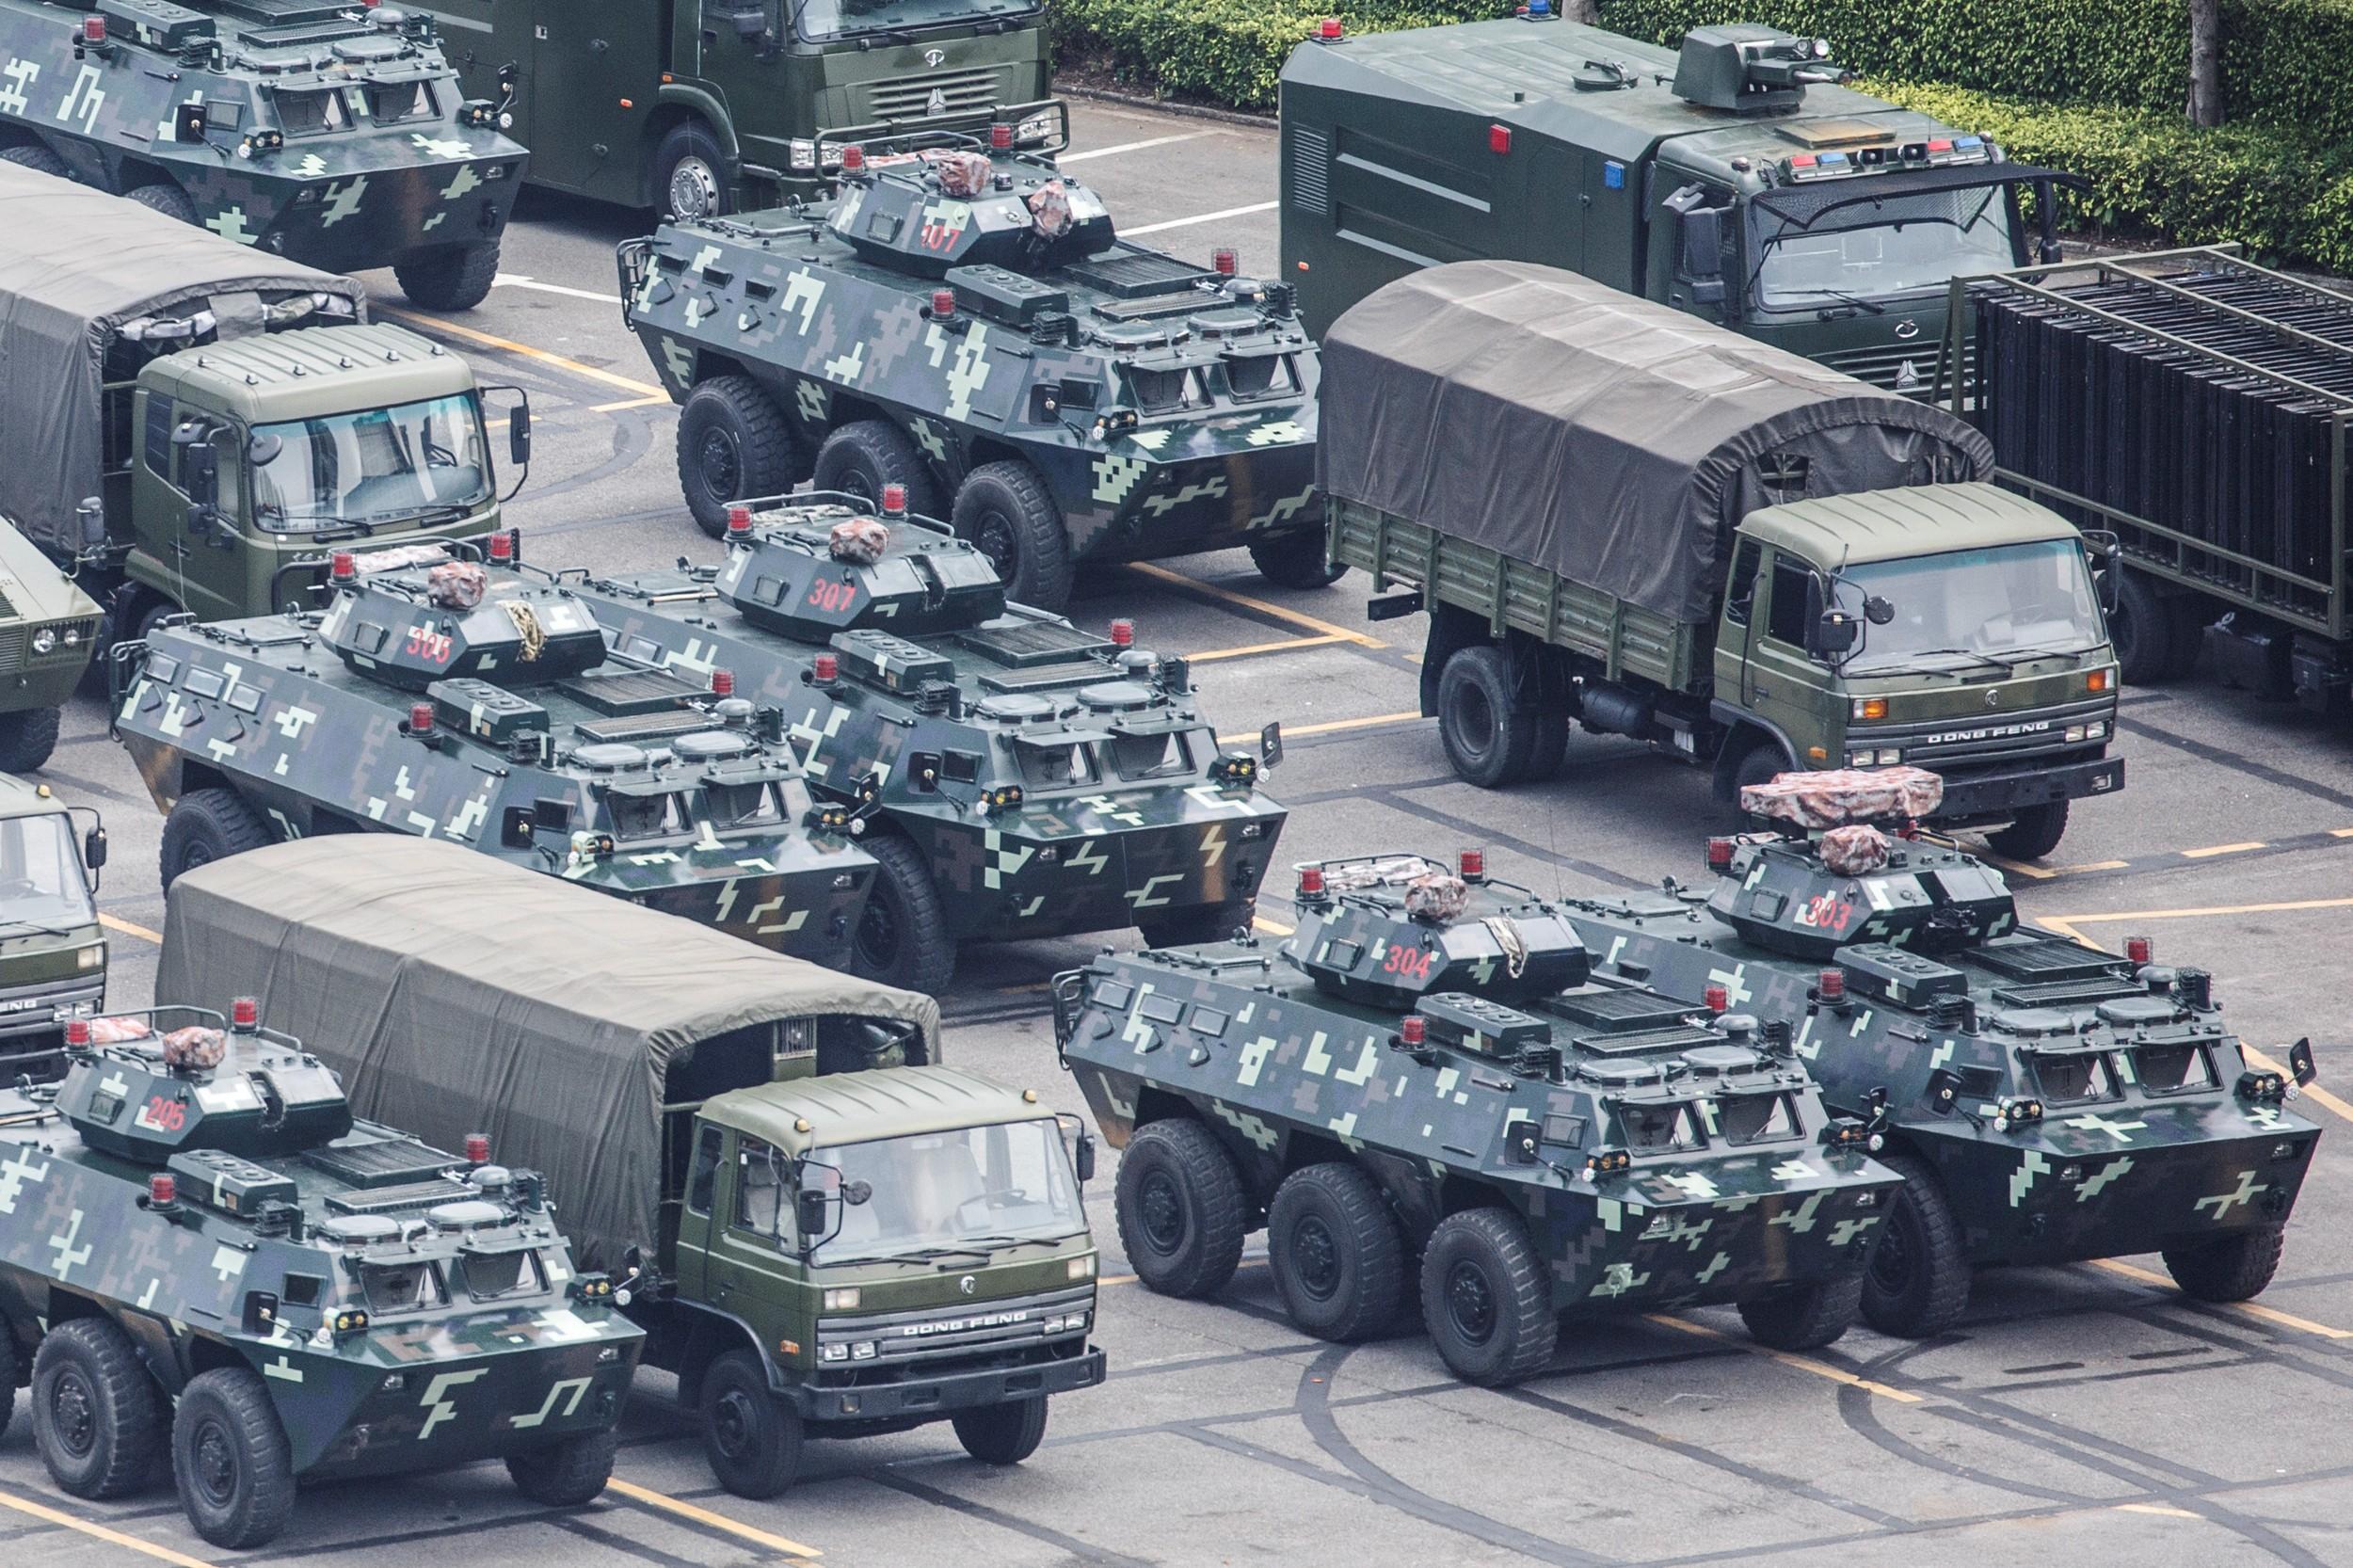 2019年8月15日,深圳湾体育中心停着大量军车和装甲车。(路透社)